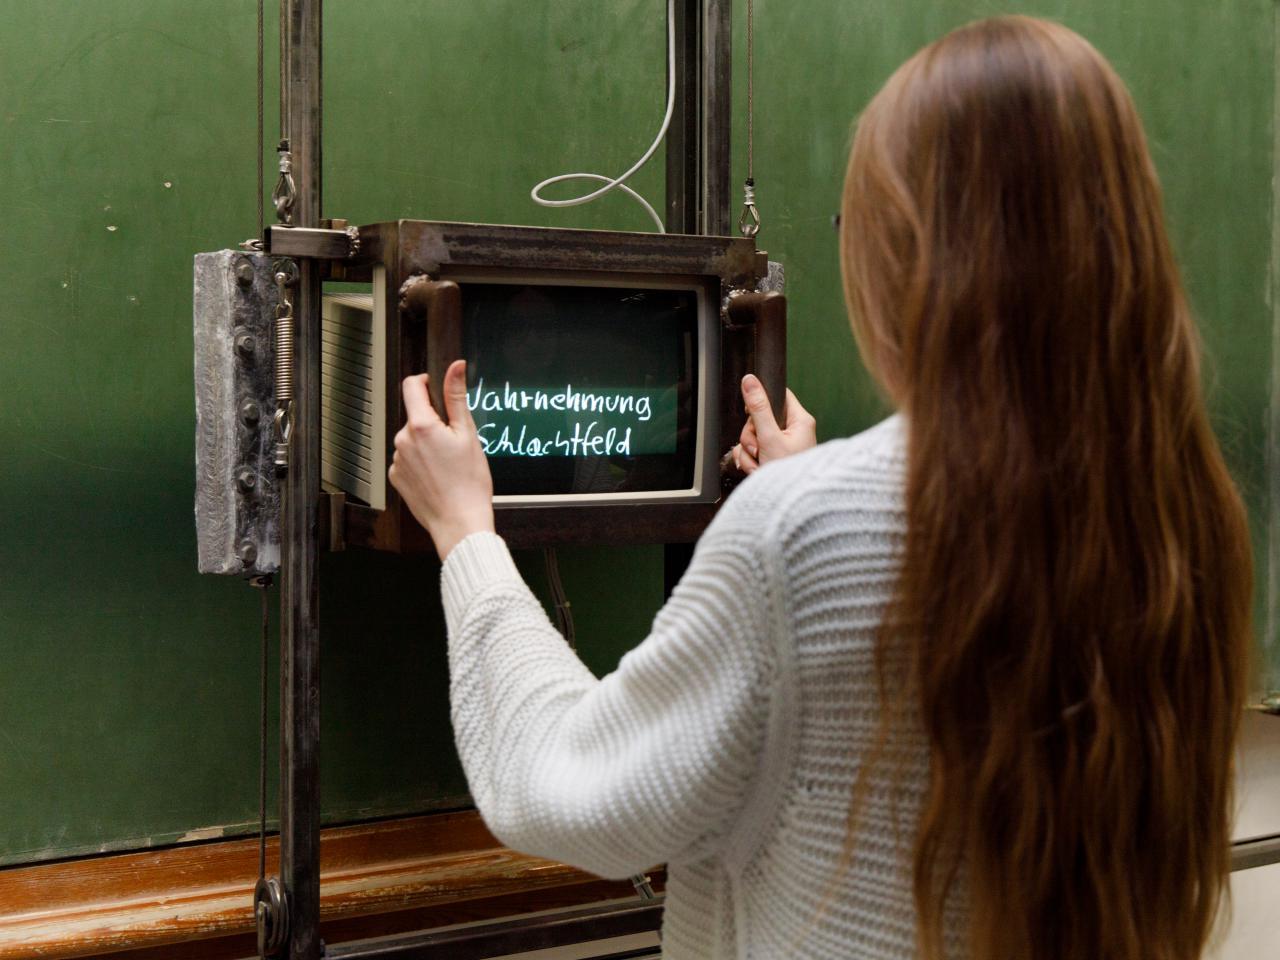 Besucherin vor Fietzeks »Tafel«, eine leere grüne Schultafel, auf der mit Hilfe eines Monitors zuvor unsichtbare Texte auftauchen.